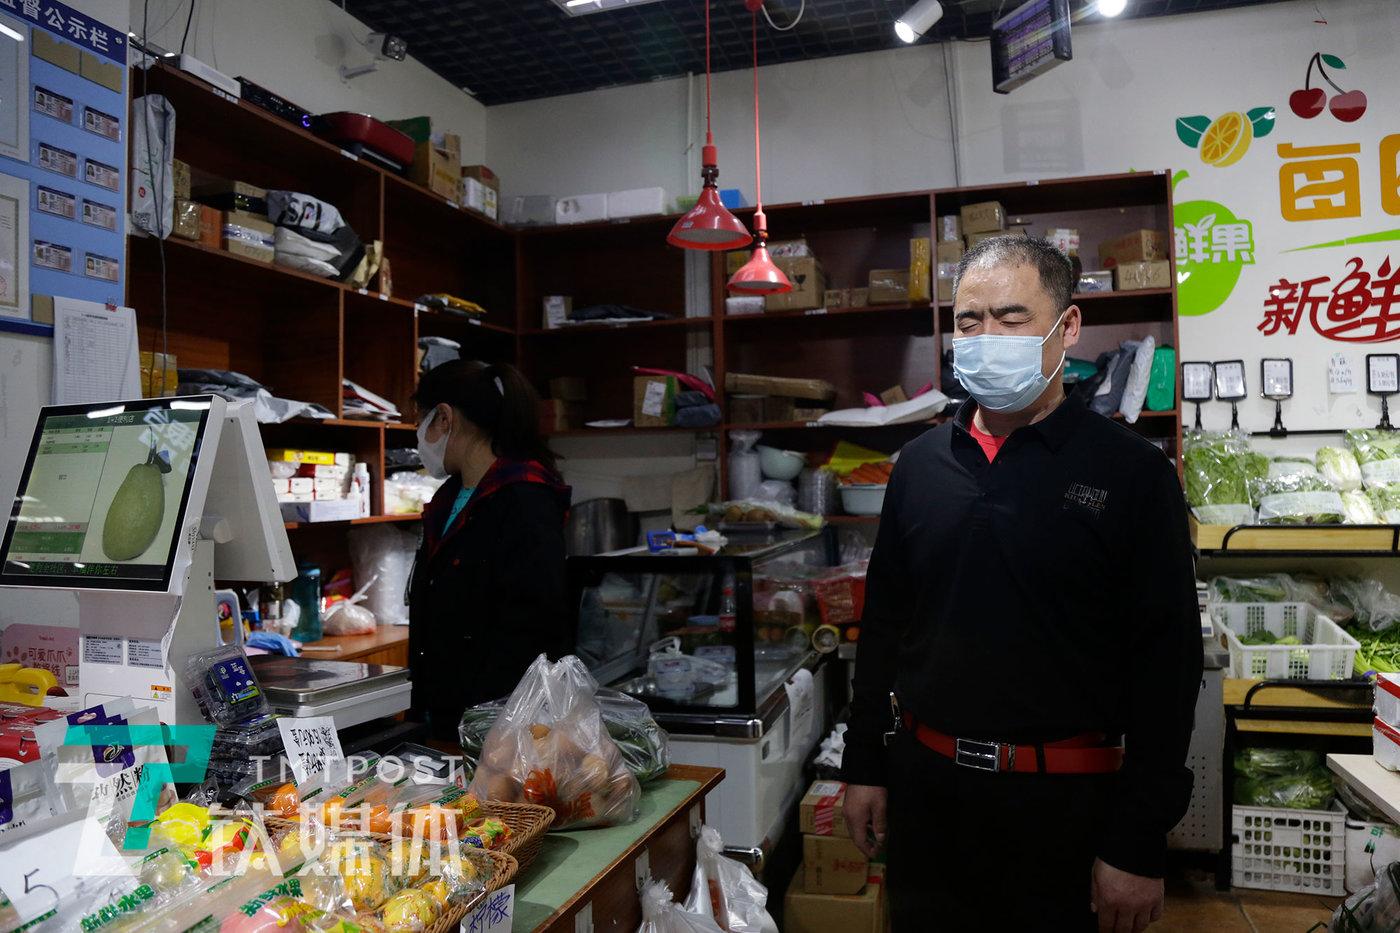 4月24日,北京大兴区黄村丽园路一家超市,老李在购物。